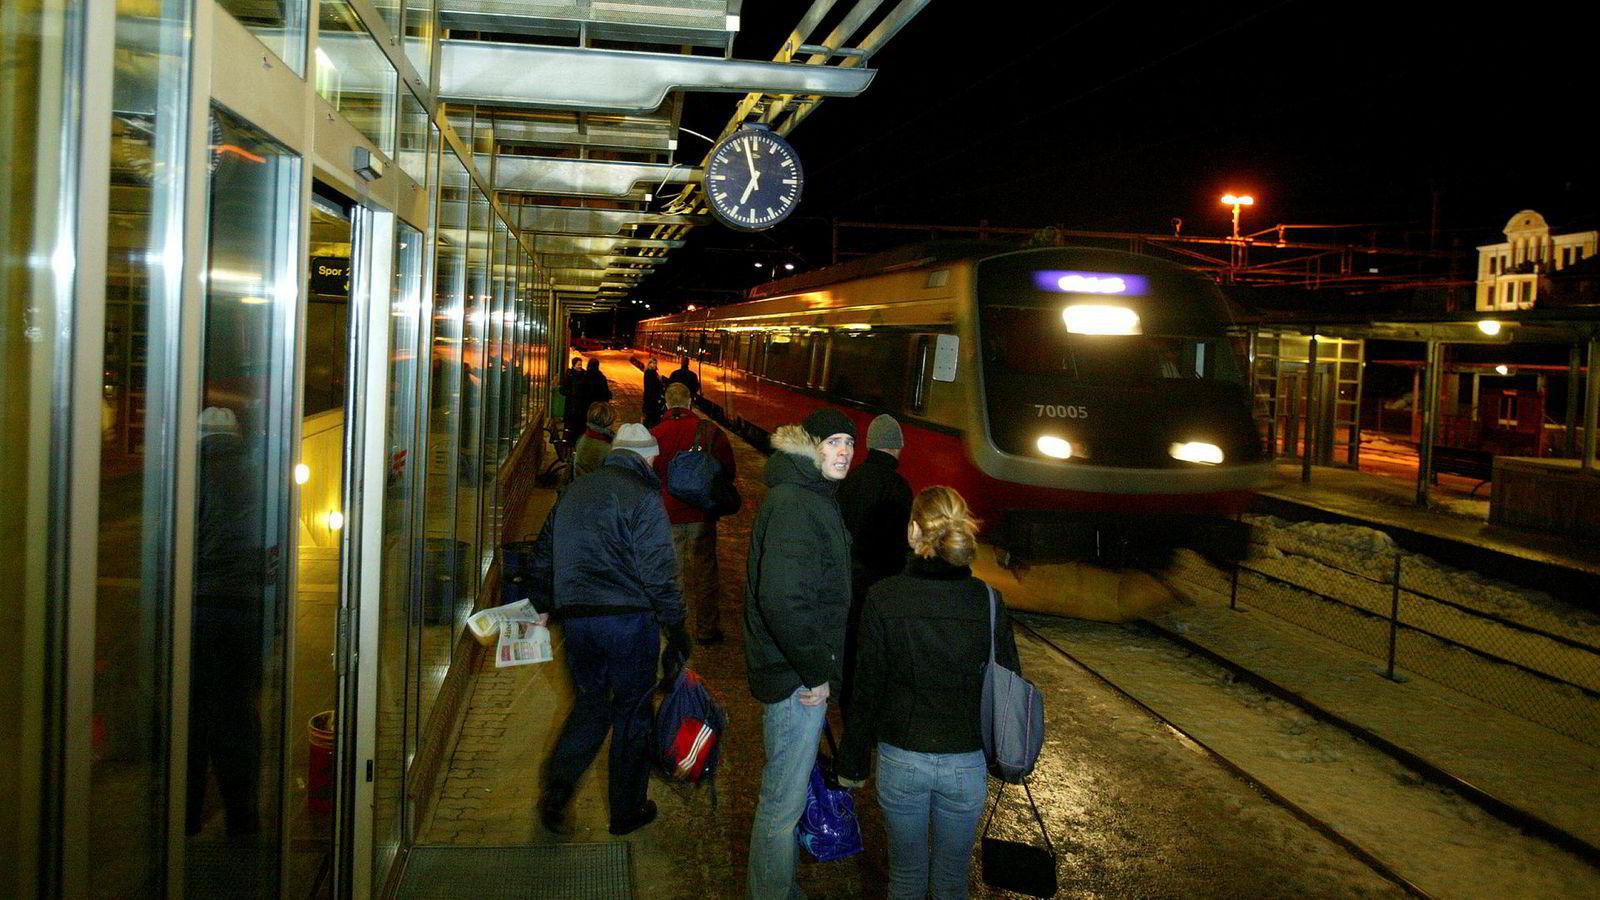 Flere planlagte nye jernbanestasjoner i norske byer kan bli stoppet. Som Tønsberg stasjon på bildet.